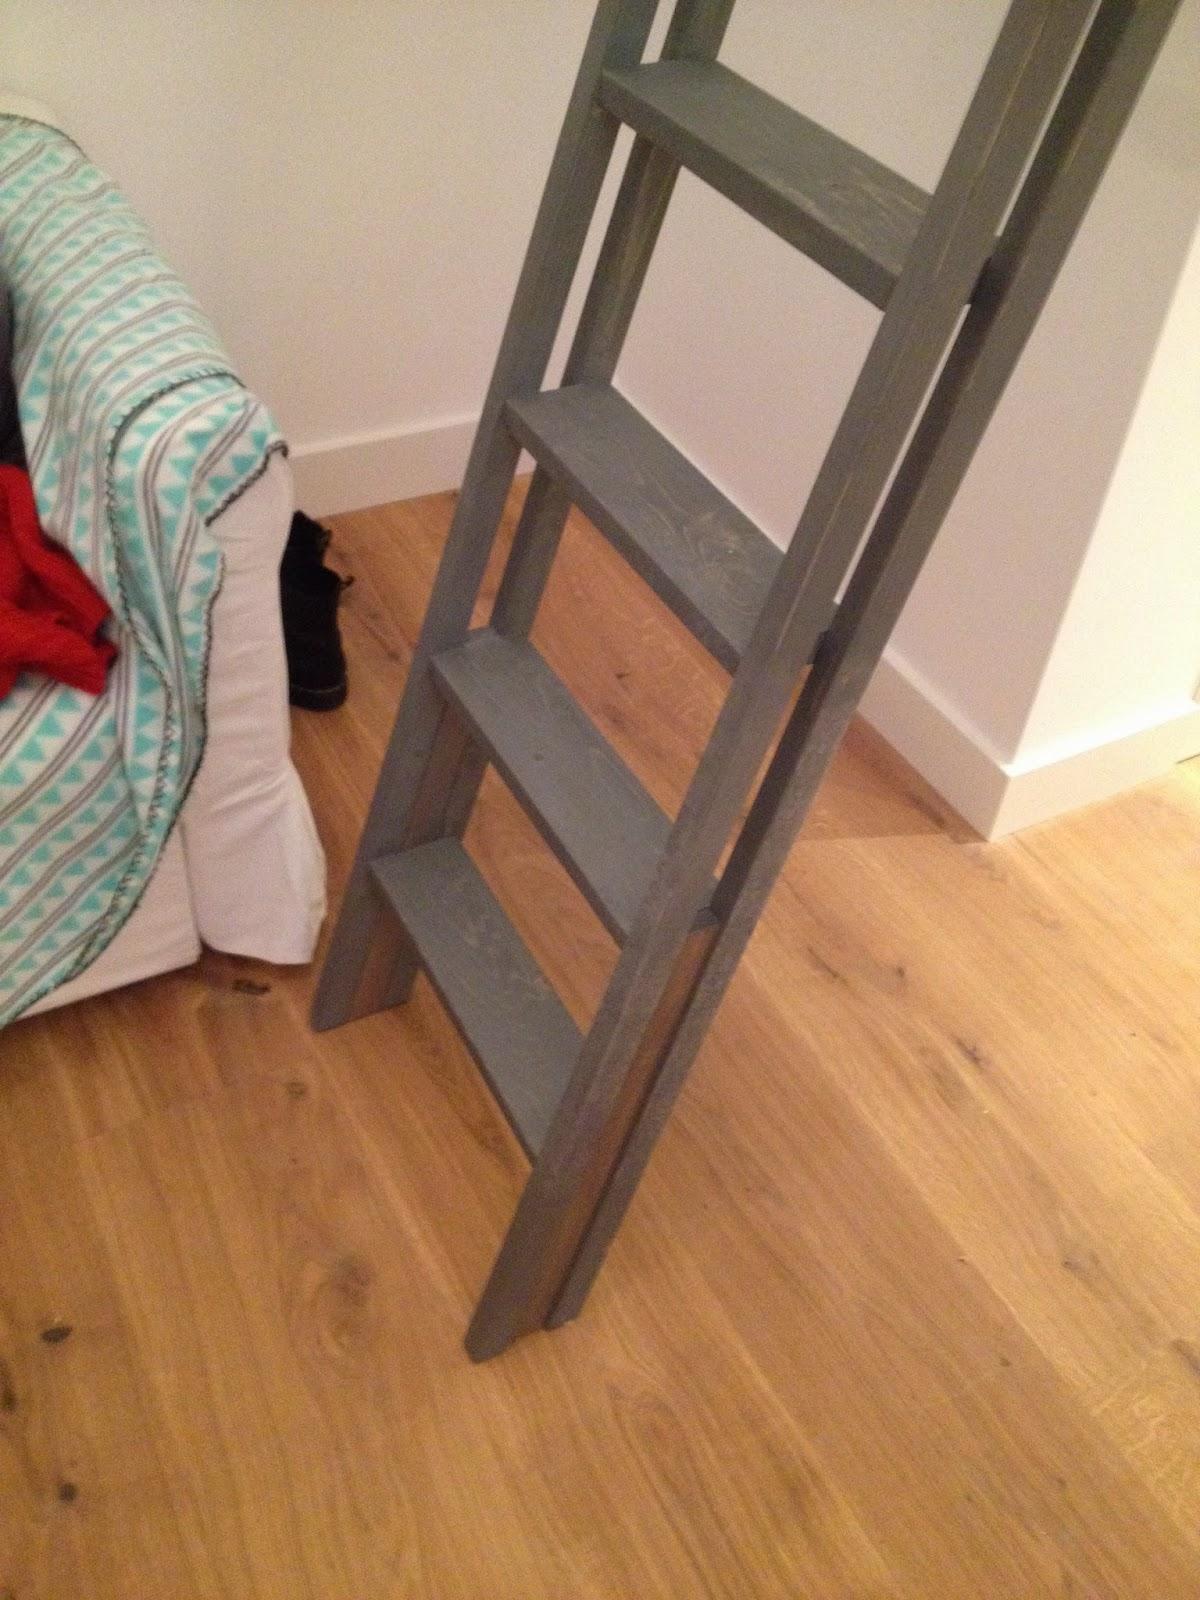 laddertjesnet